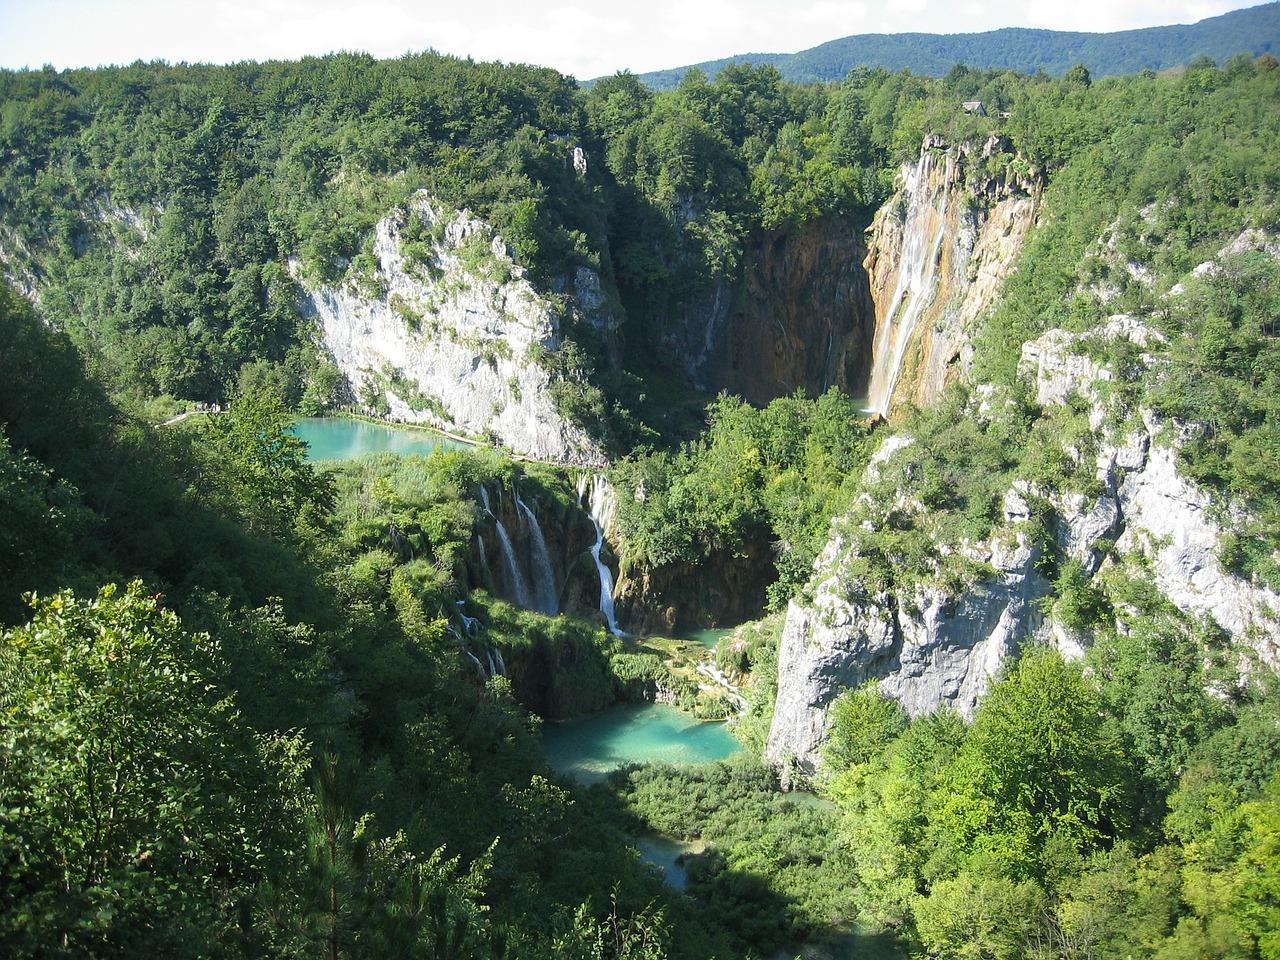 Safaritent Kroatië, Safaritent huren Kroatië